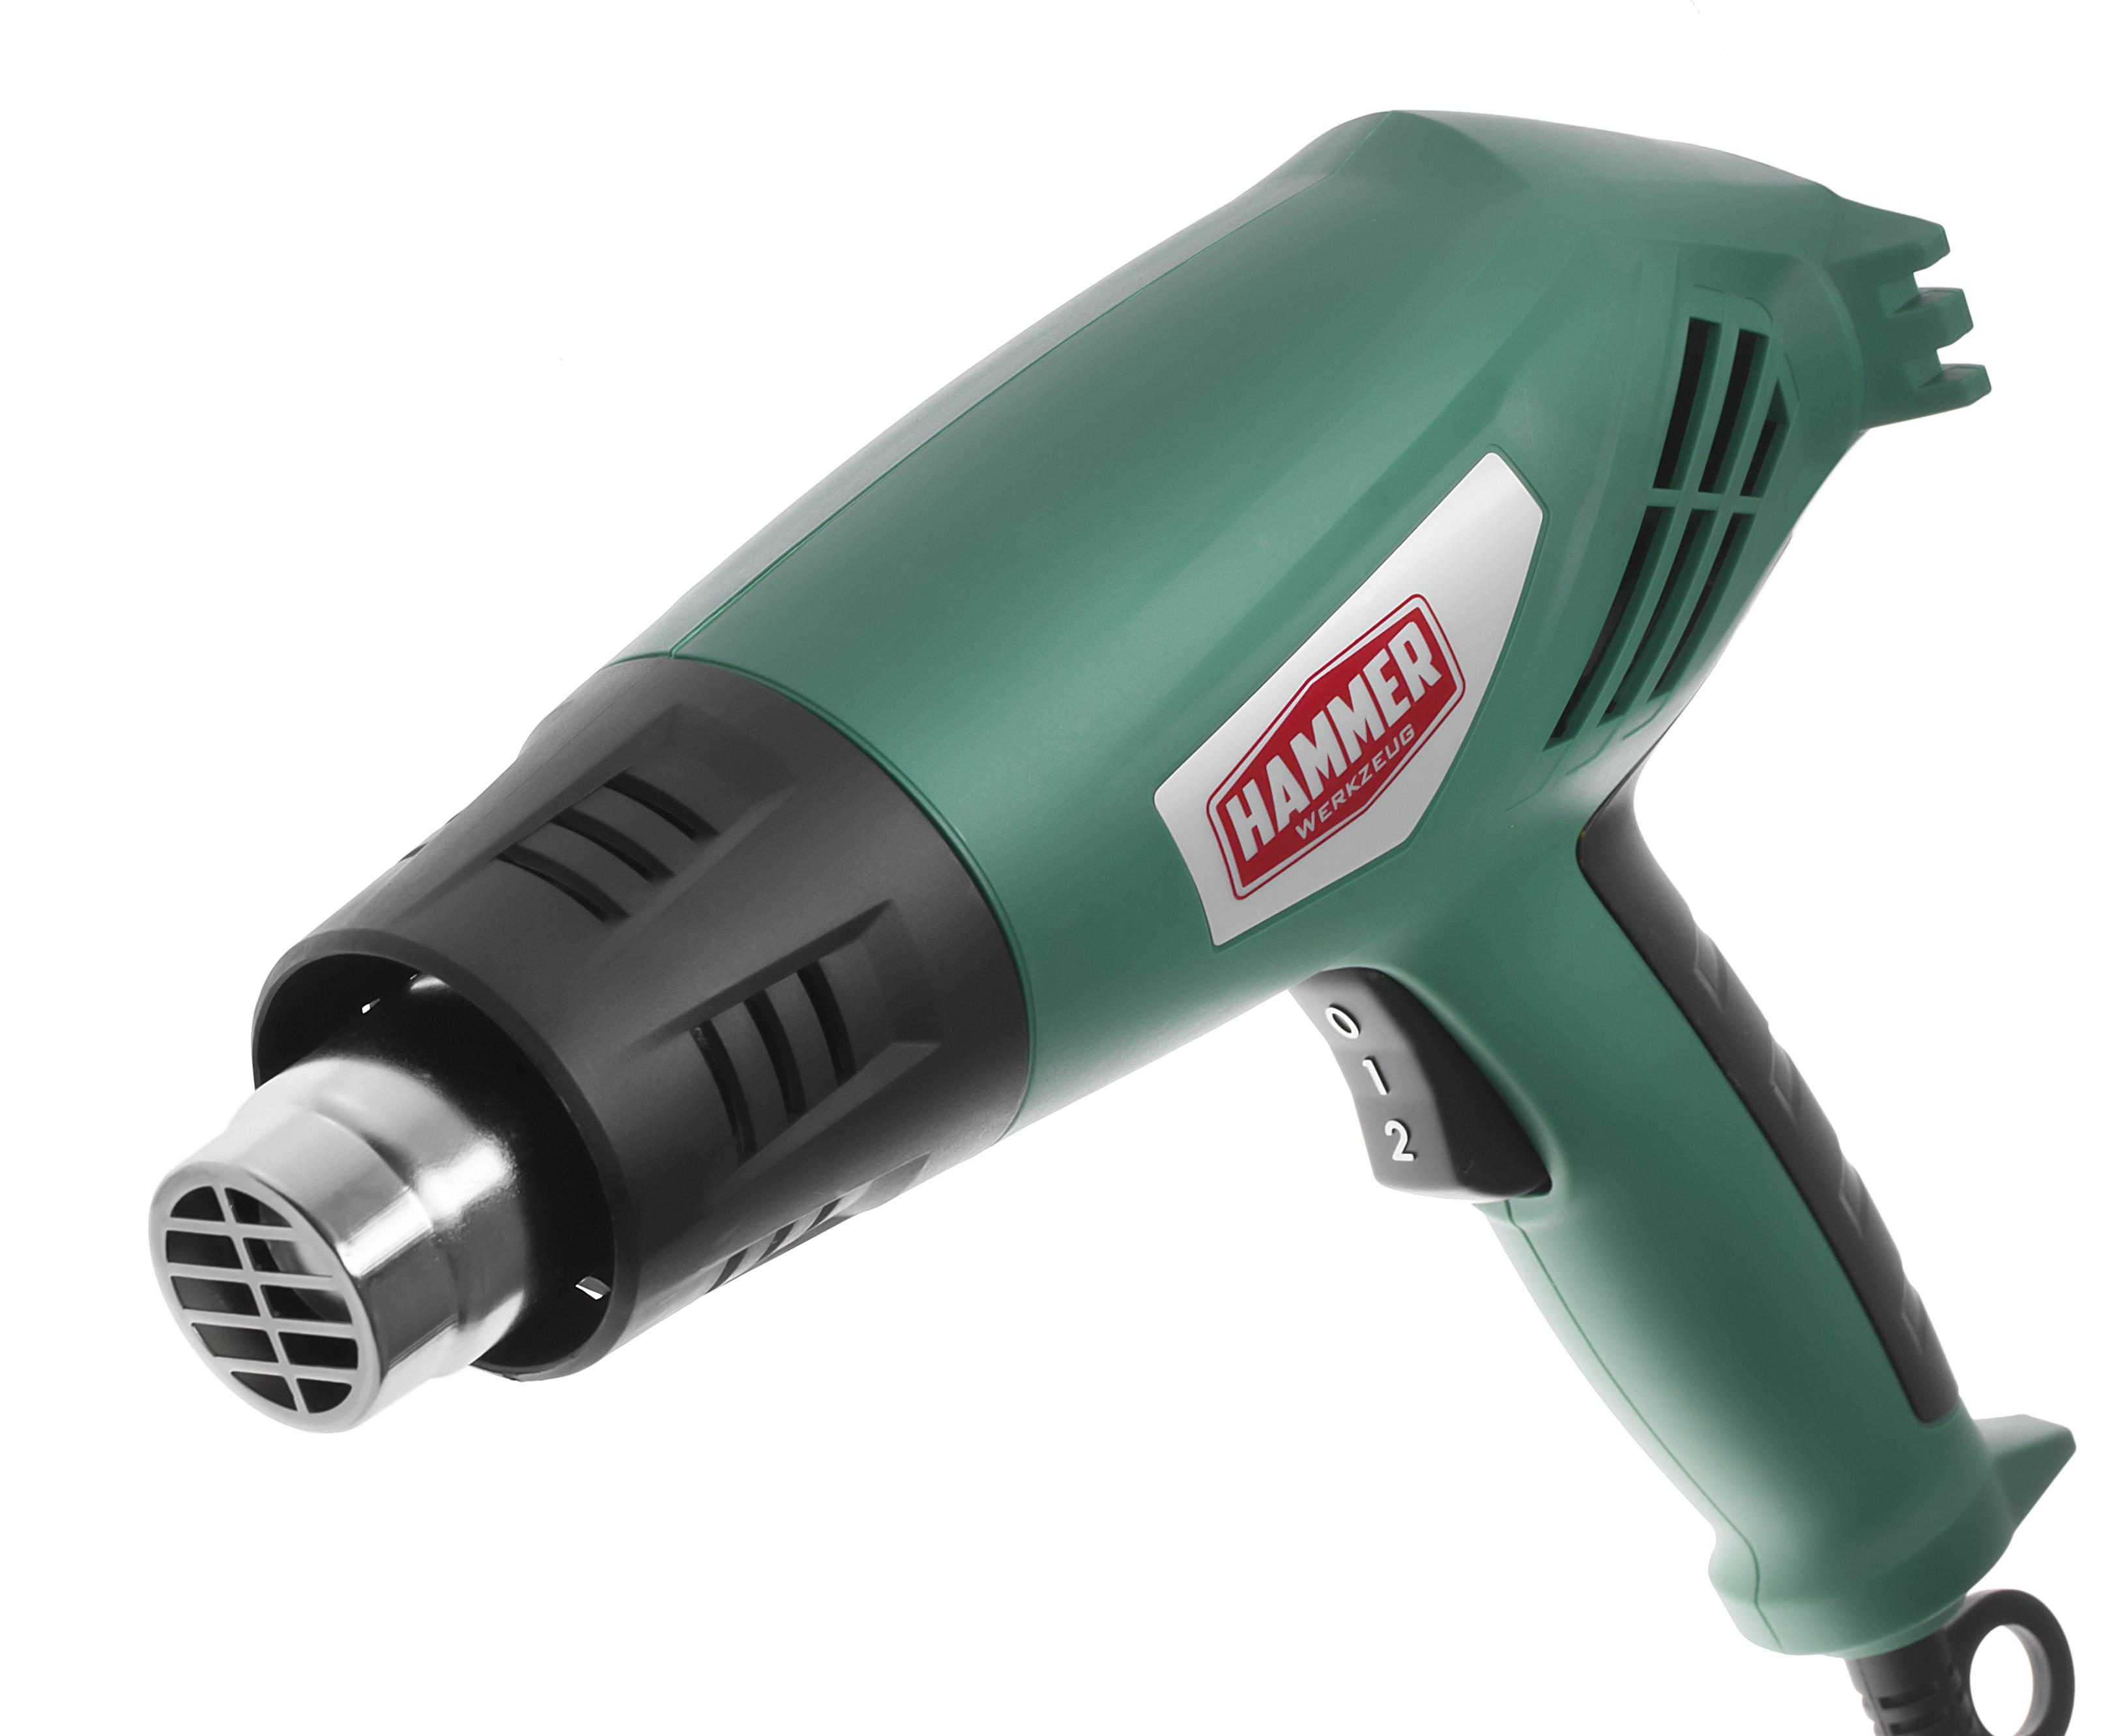 Фен технический Hammer Hg2010 технический фен hammer flex hg2020